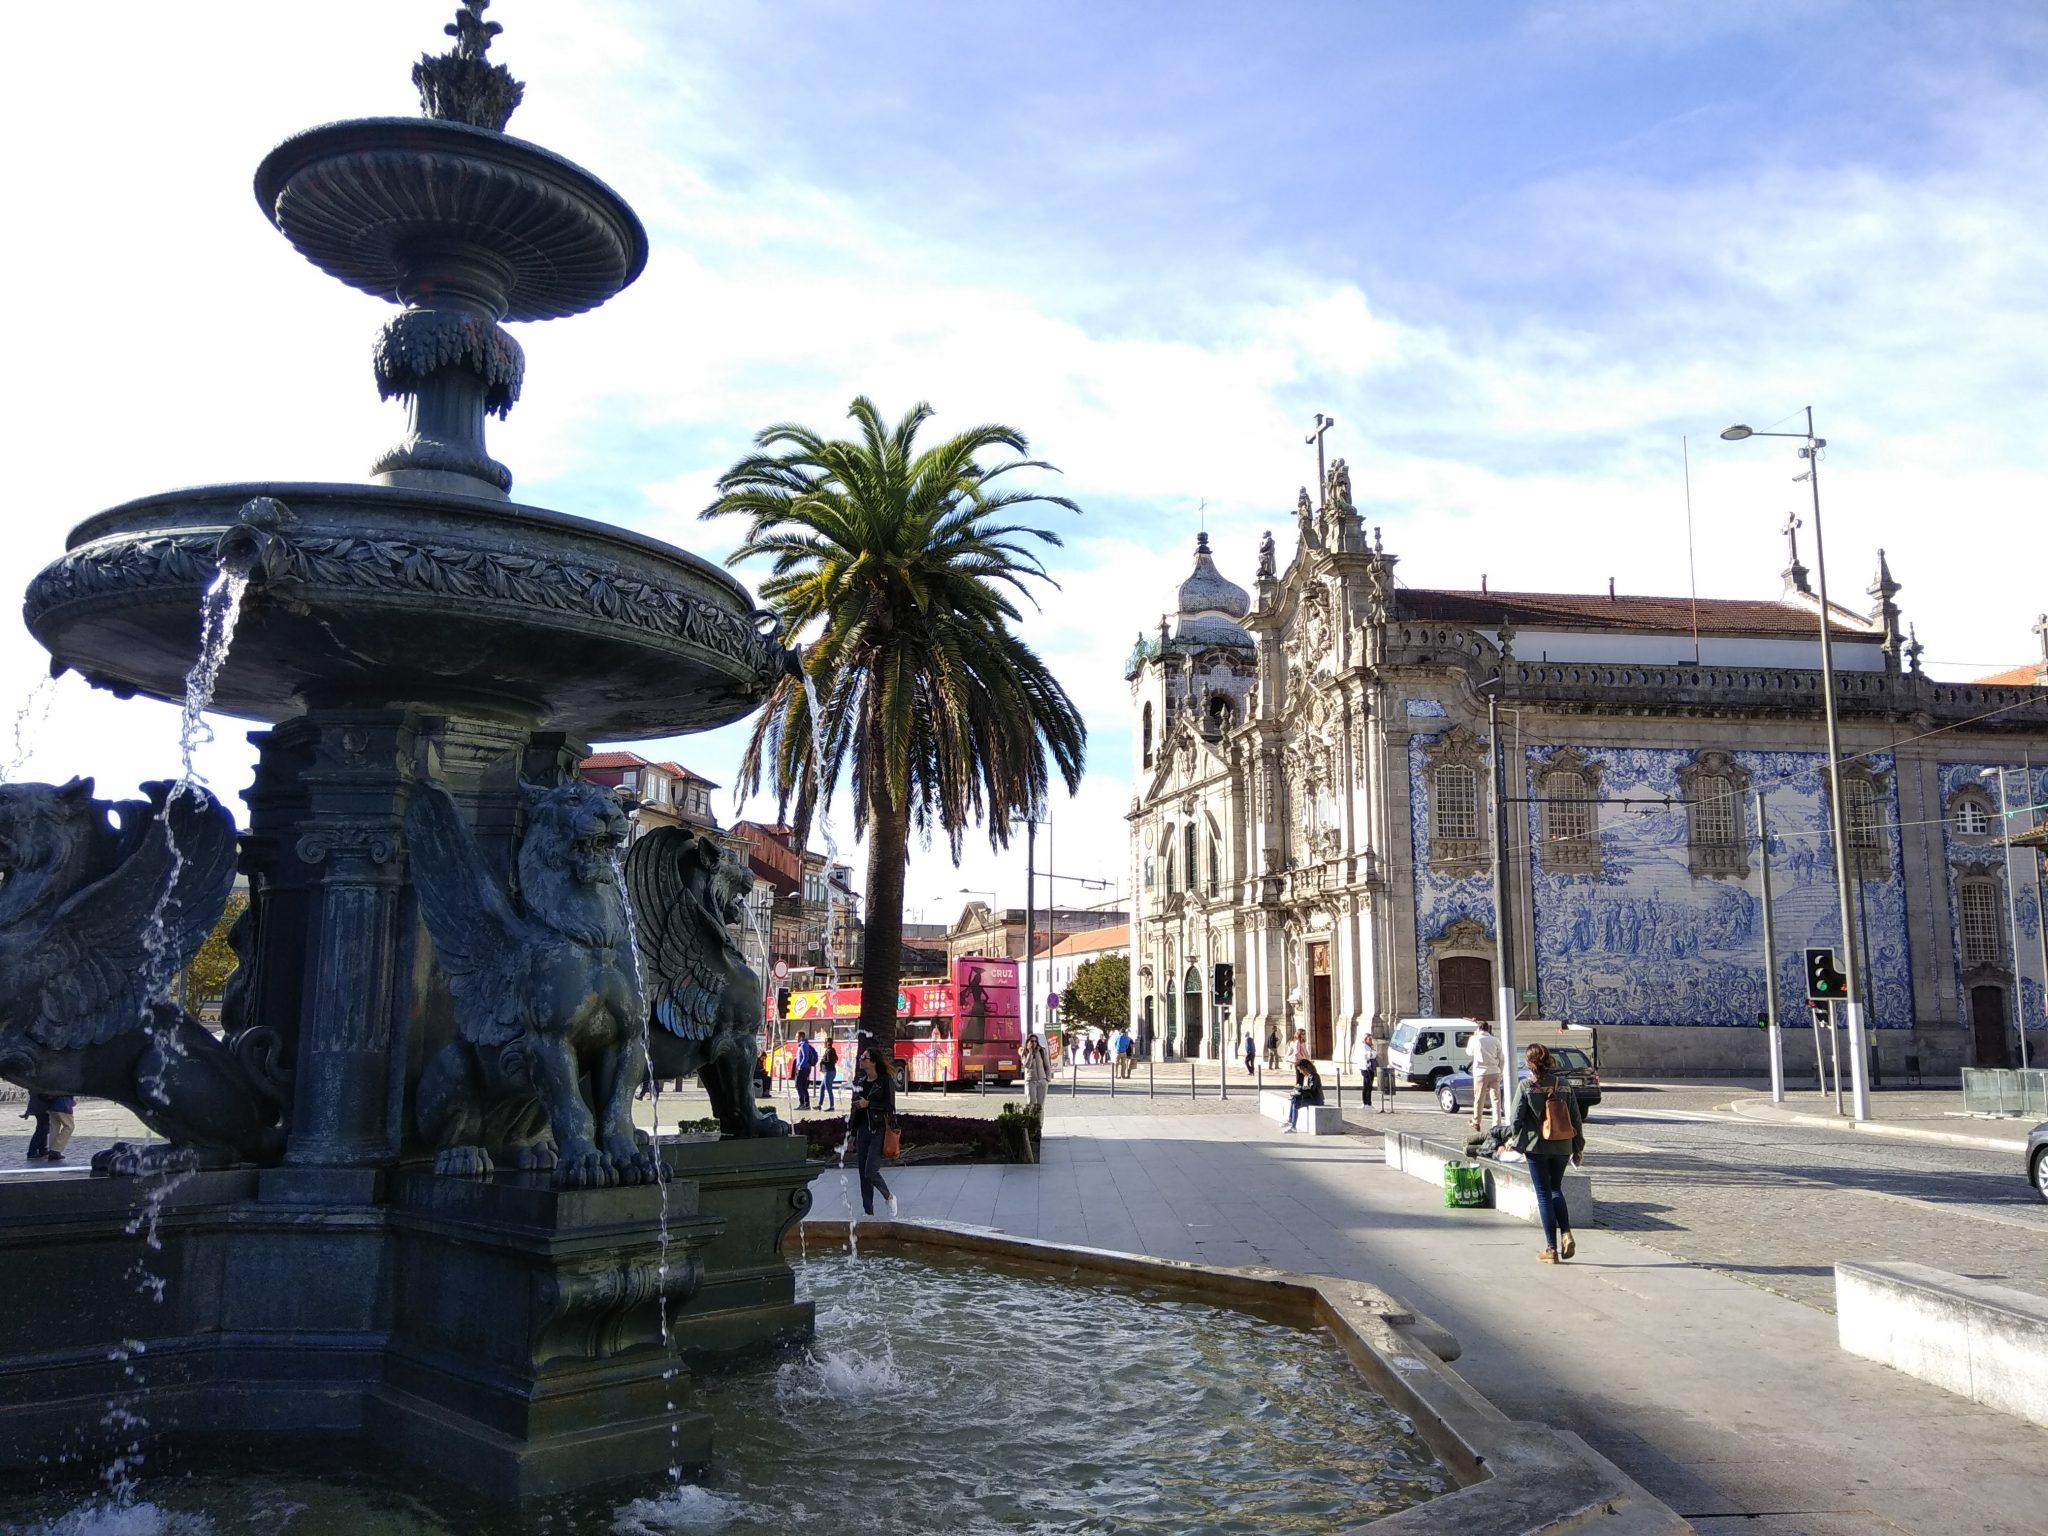 Imagen post 2 días en Oporto. Iglesia del Carmen - Pasaporte y Millas